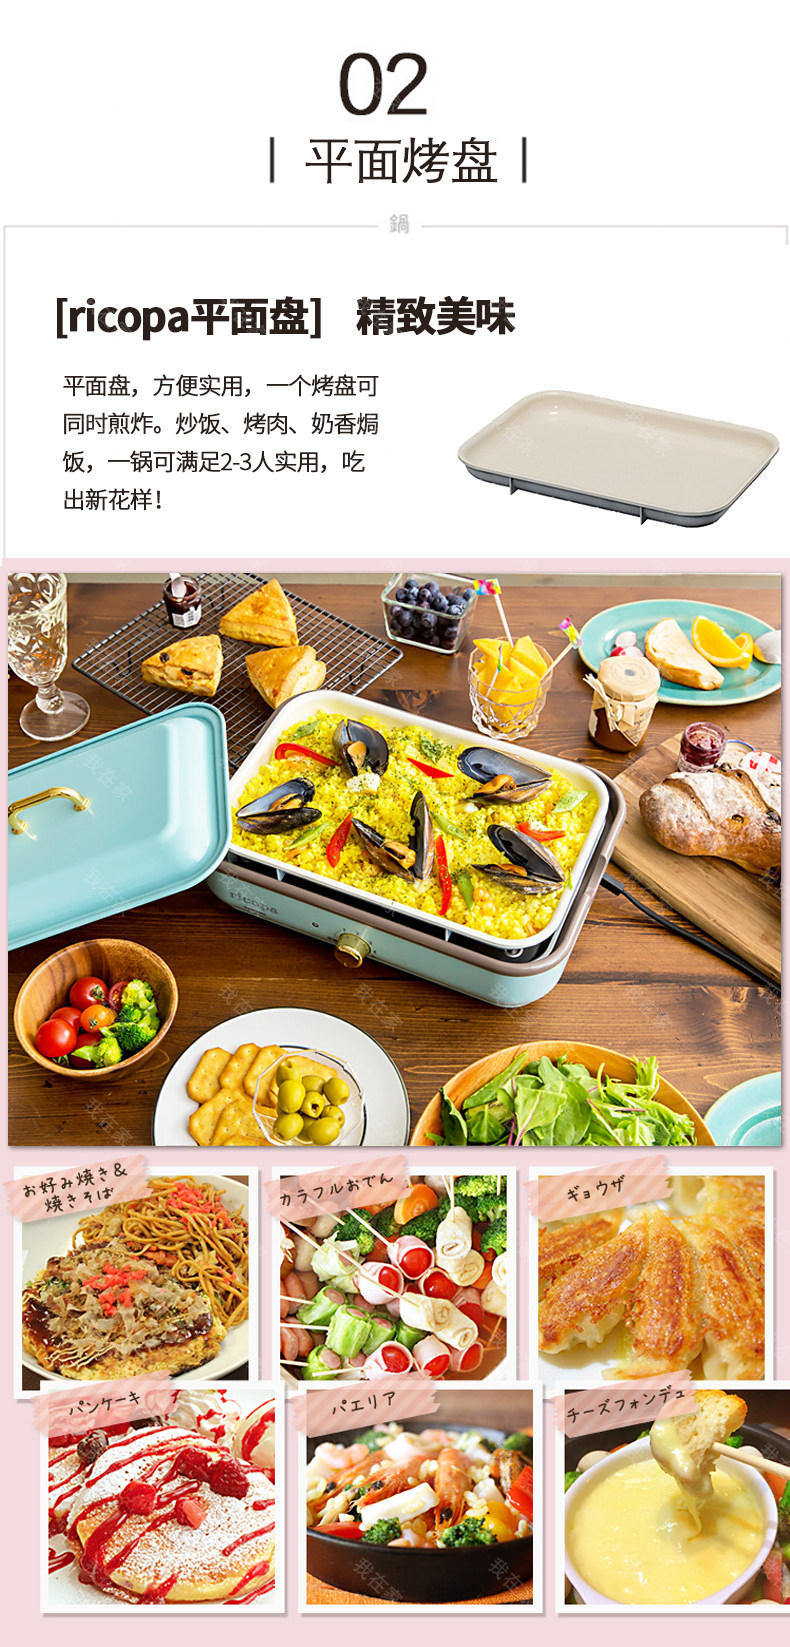 爱丽思品牌爱丽思多功能煎烤盘的详细介绍